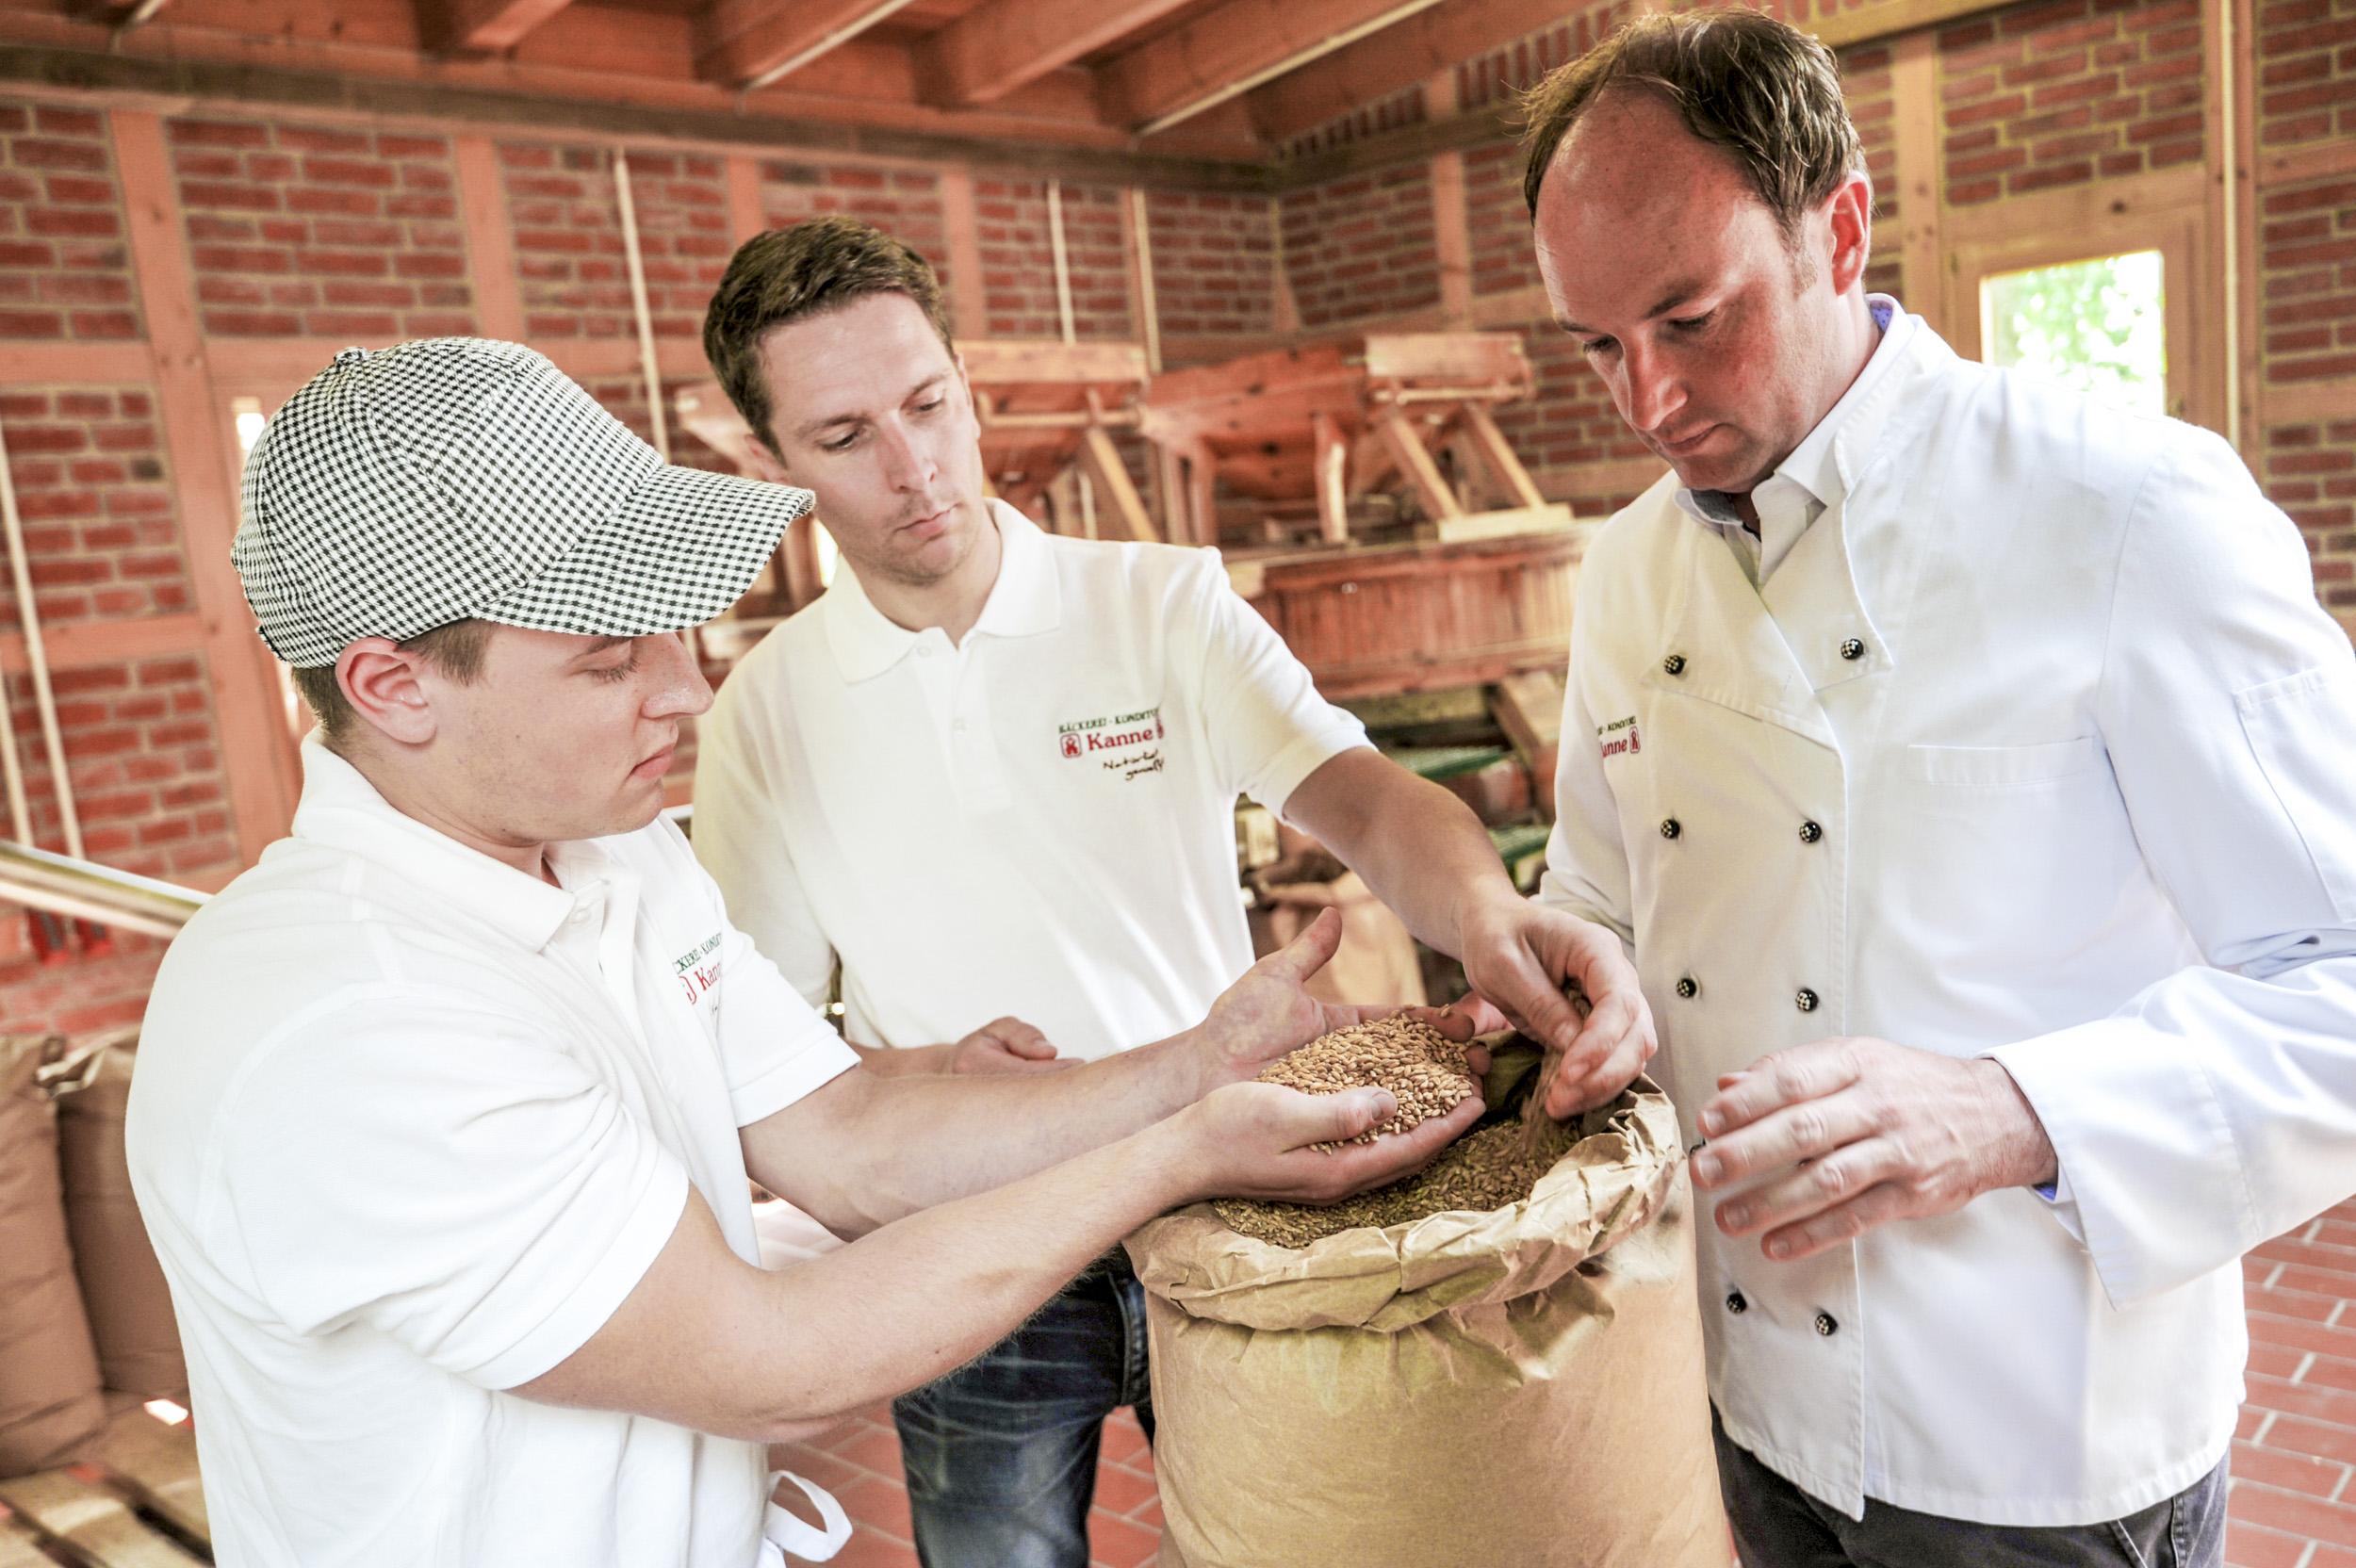 wir-in-der-region-engagement in der region unna-kanne traditionsbäckerei-04.jpg